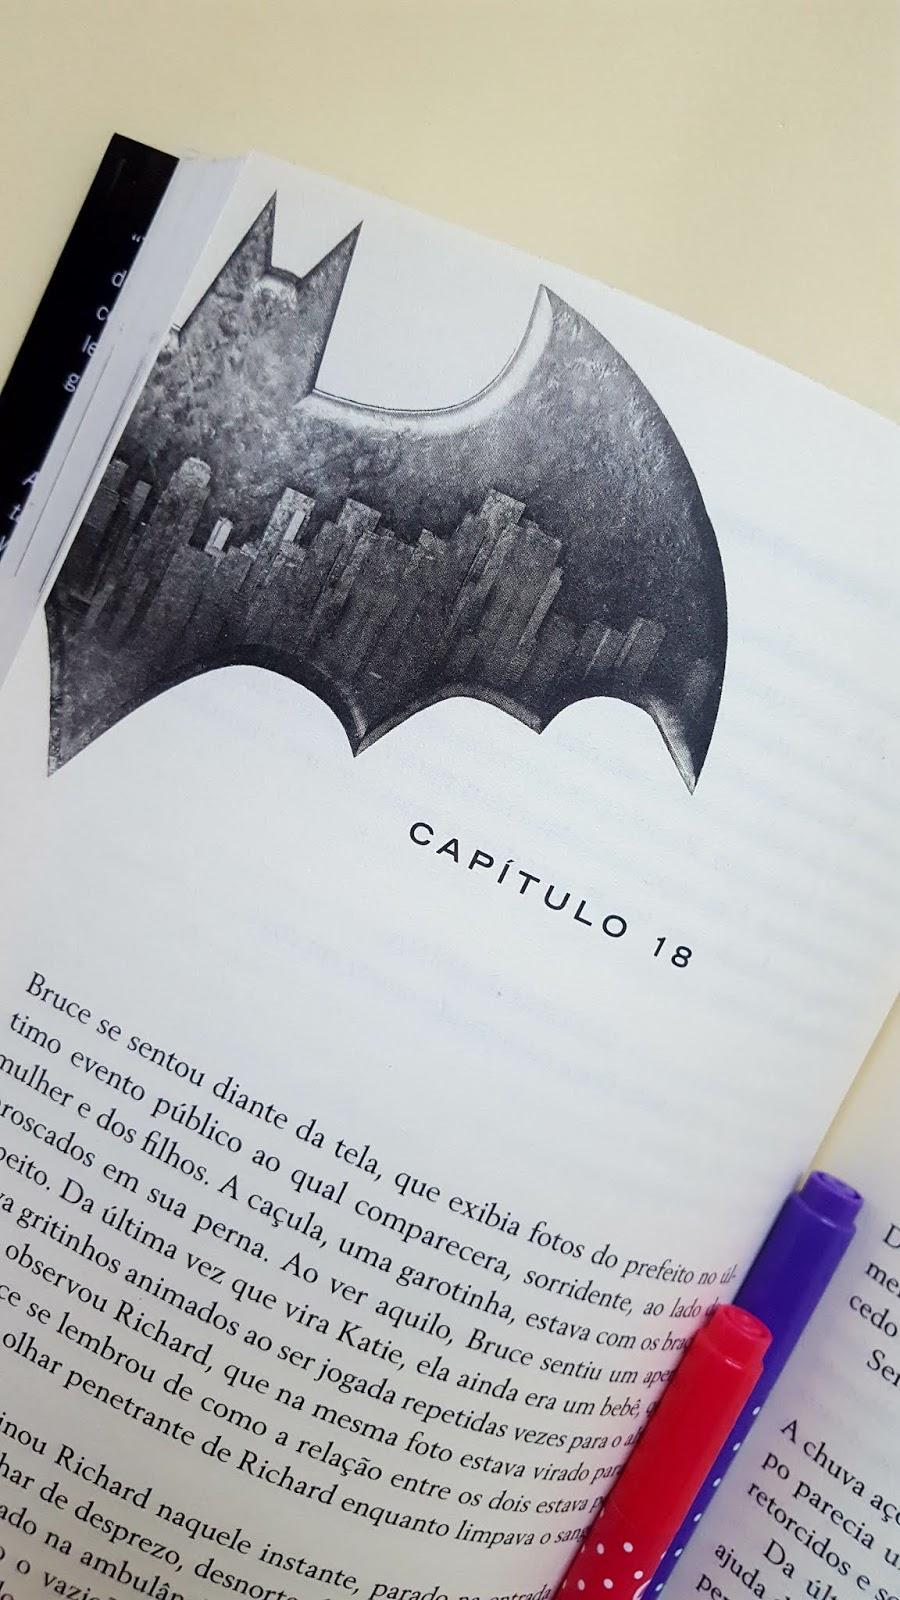 Batman - Criaturas da noite